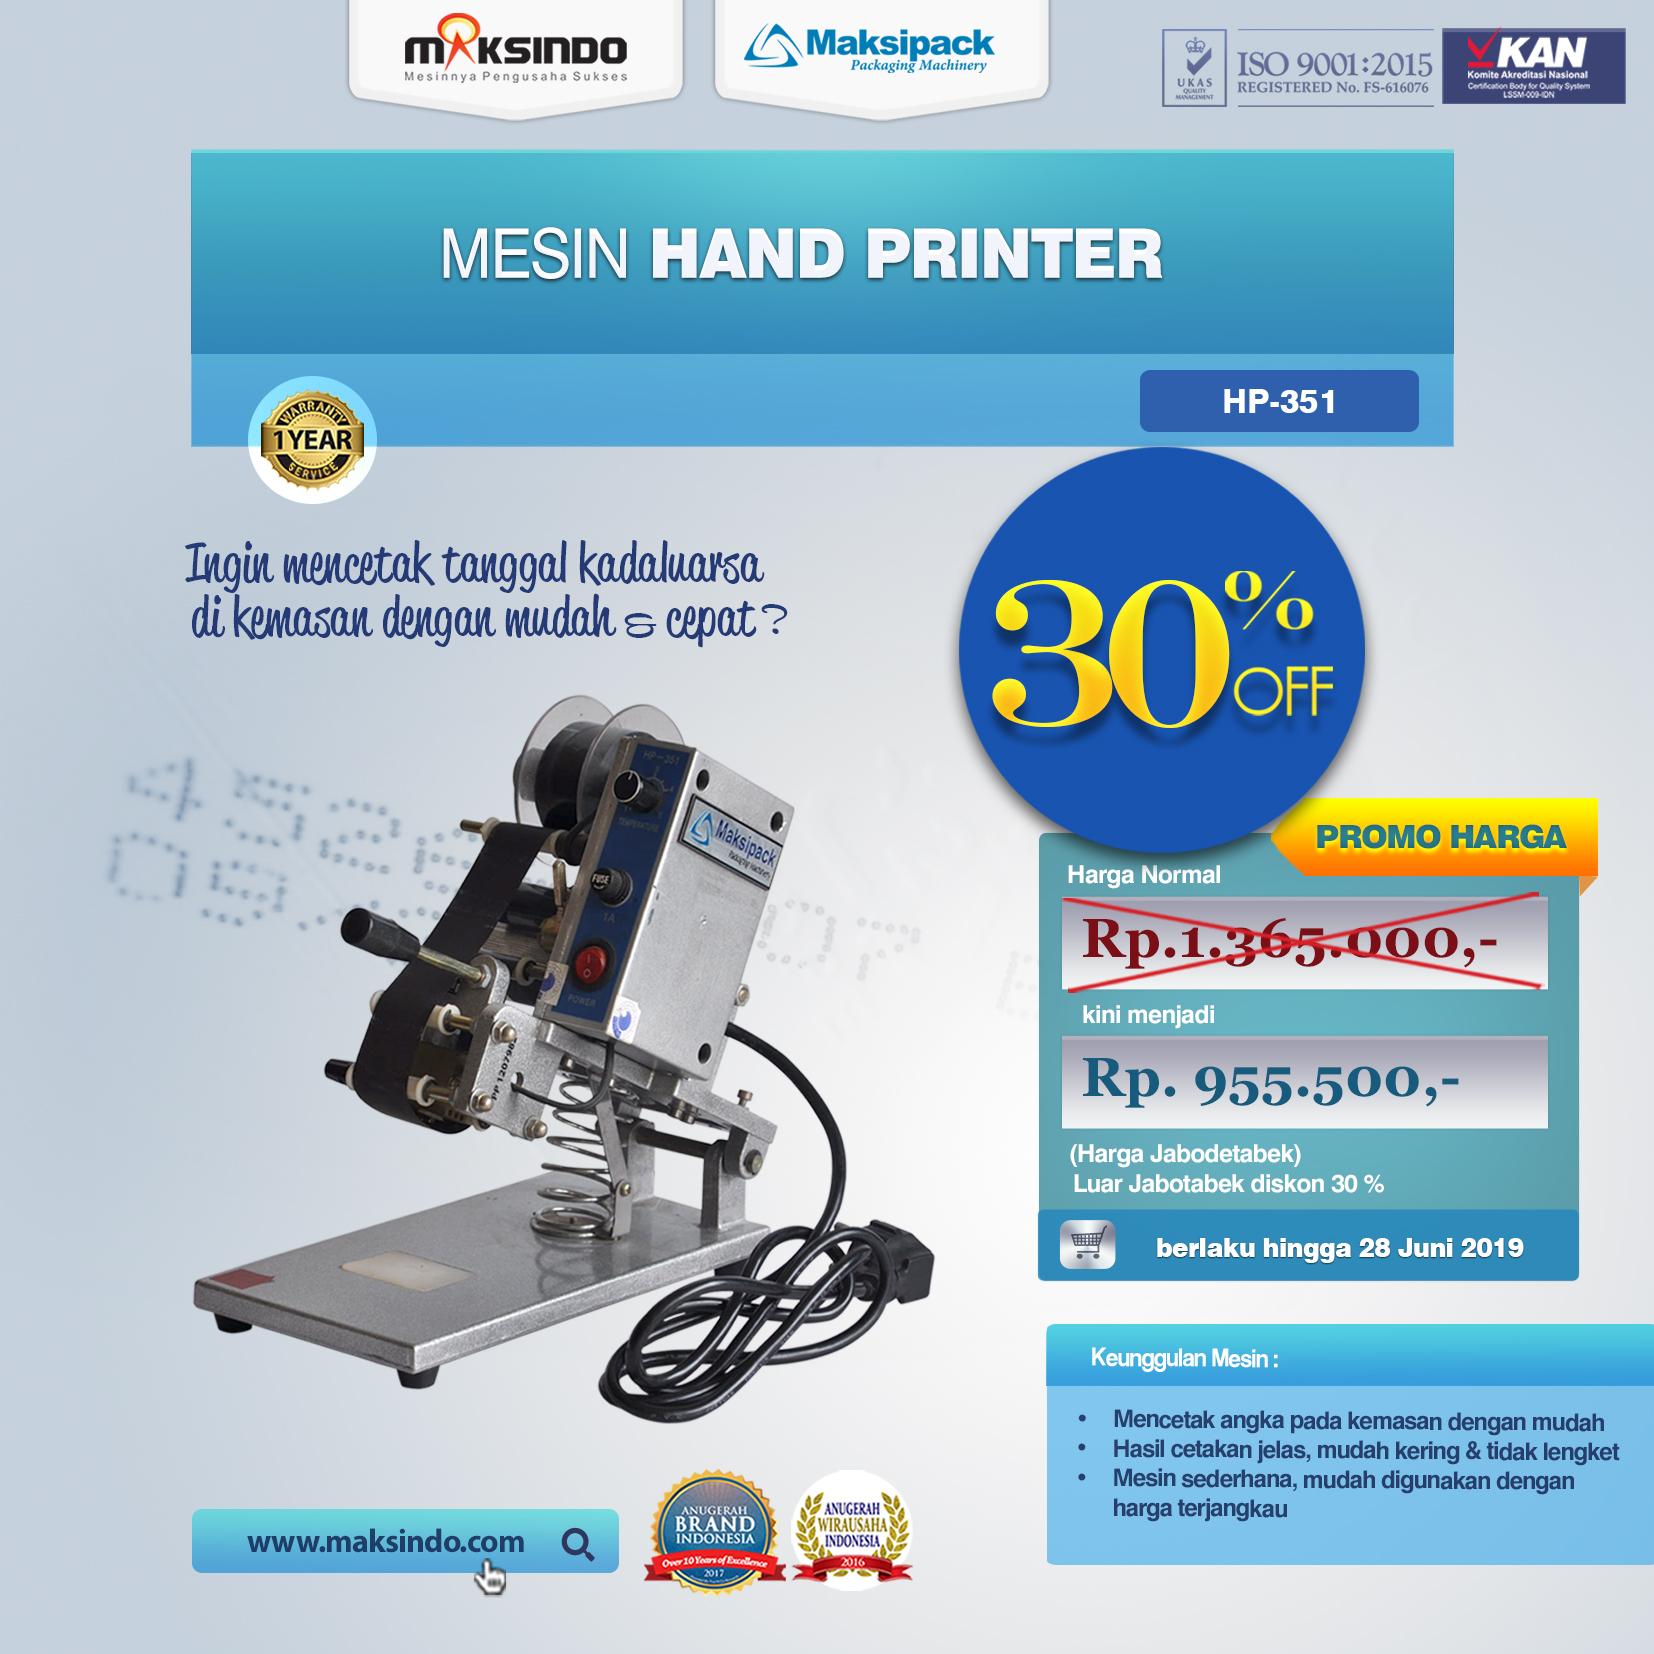 HP-351 Mesin Hand Printer